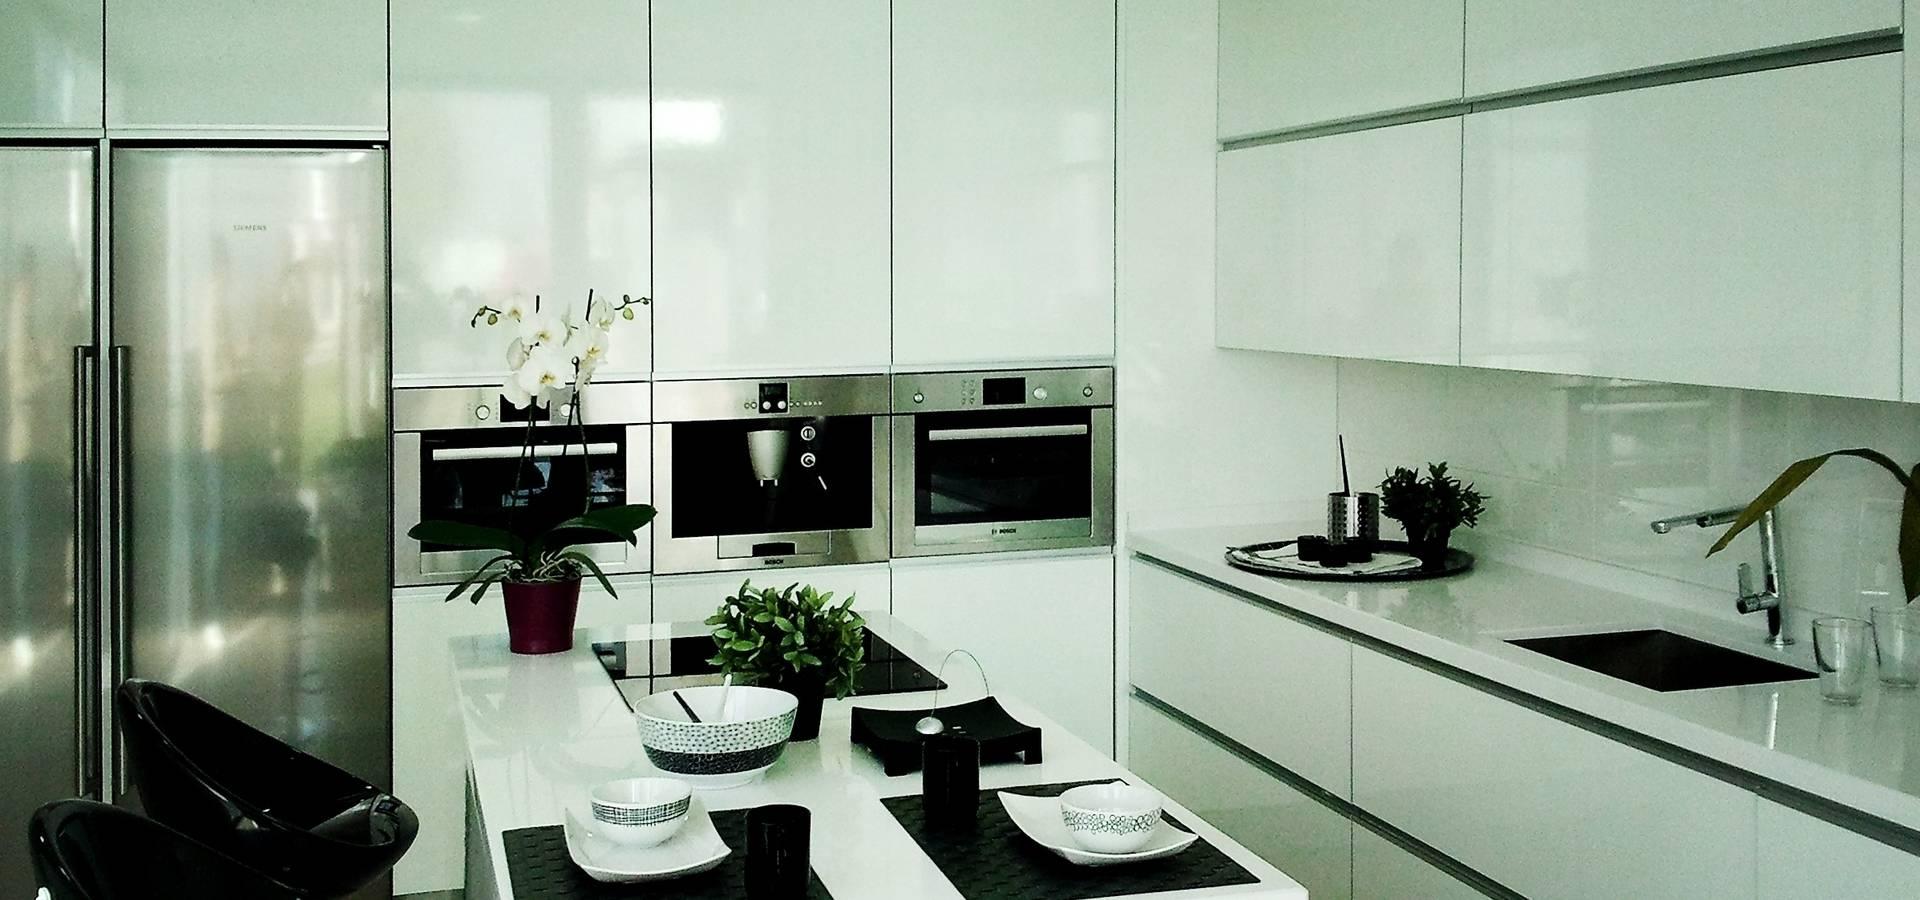 Grupo coeco dise adores de cocinas en madrid homify - Disenadores de cocinas ...